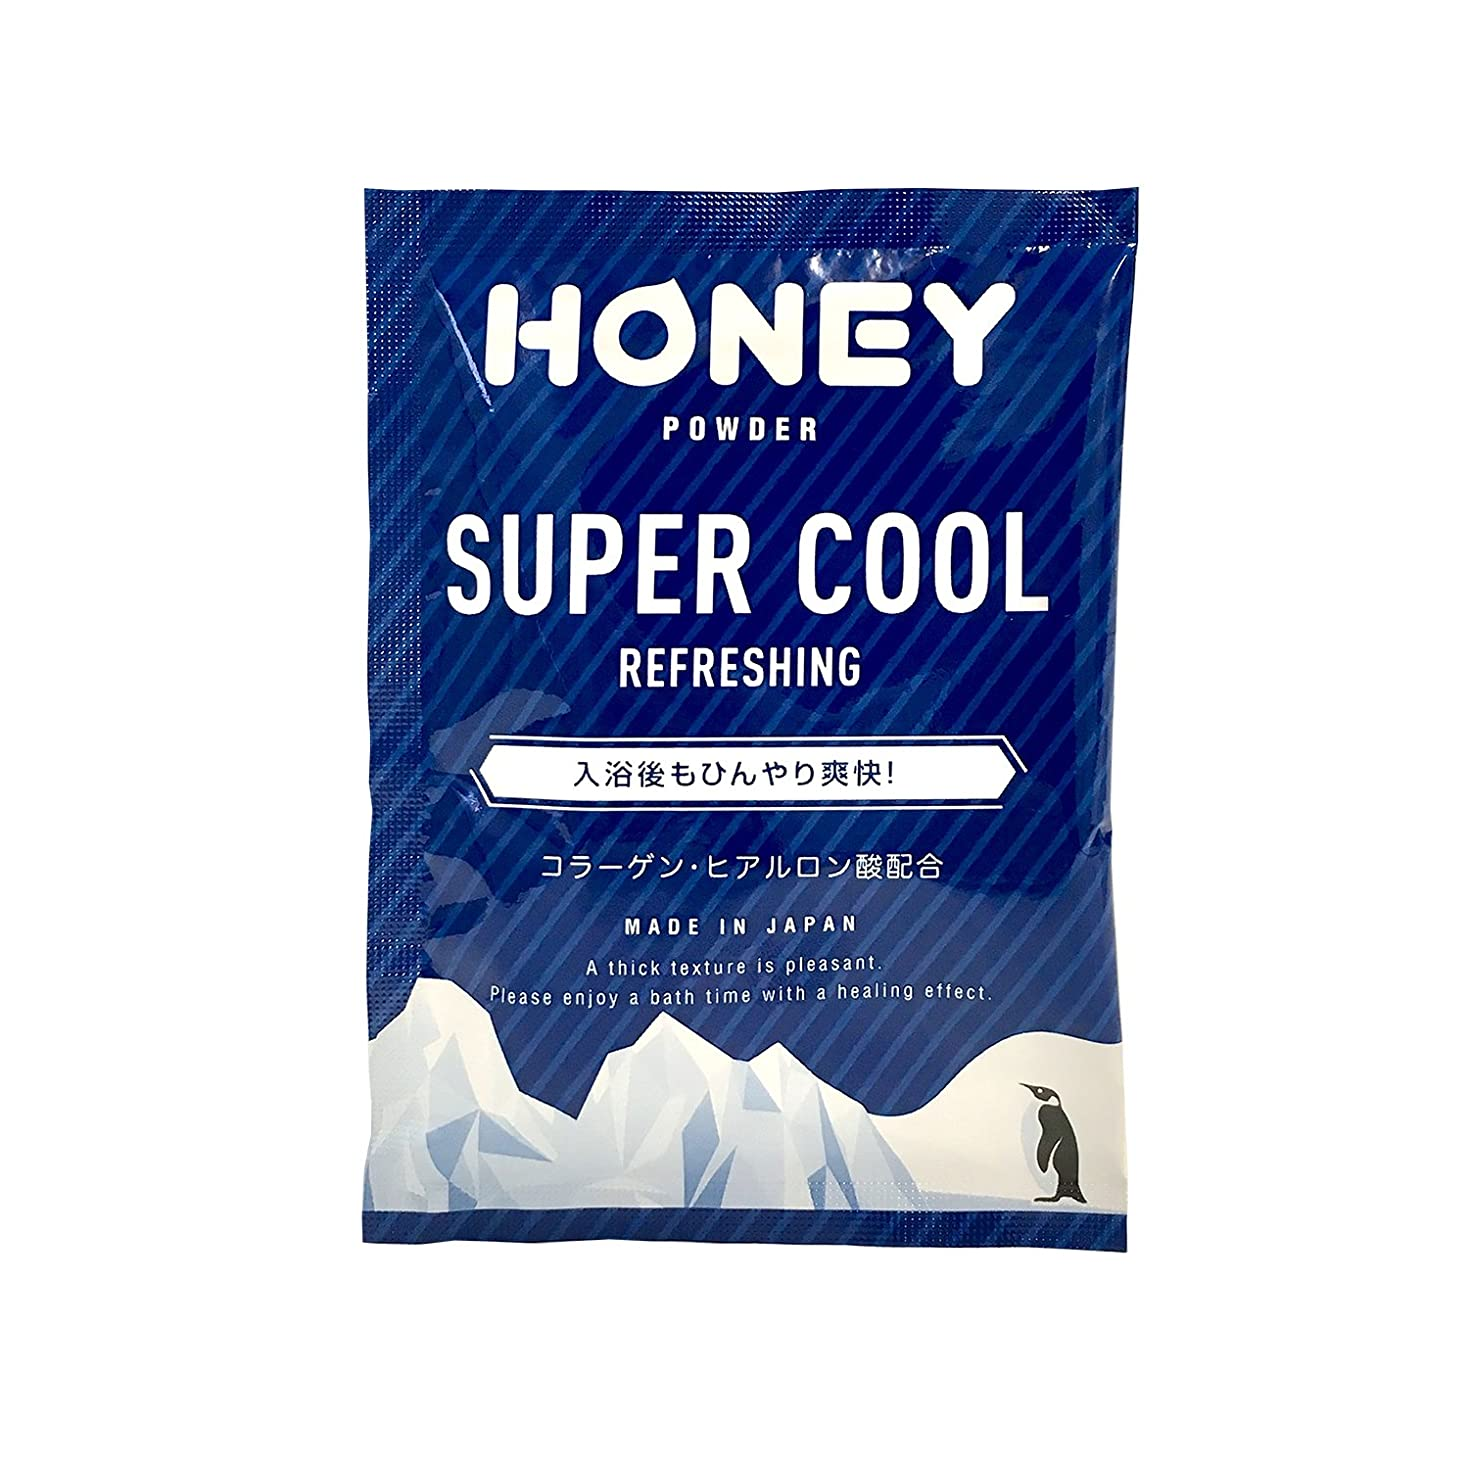 免除伝染病値下げとろとろ入浴剤【honey powder】(ハニーパウダー) 2個セット スーパークール 粉末タイプ ローション